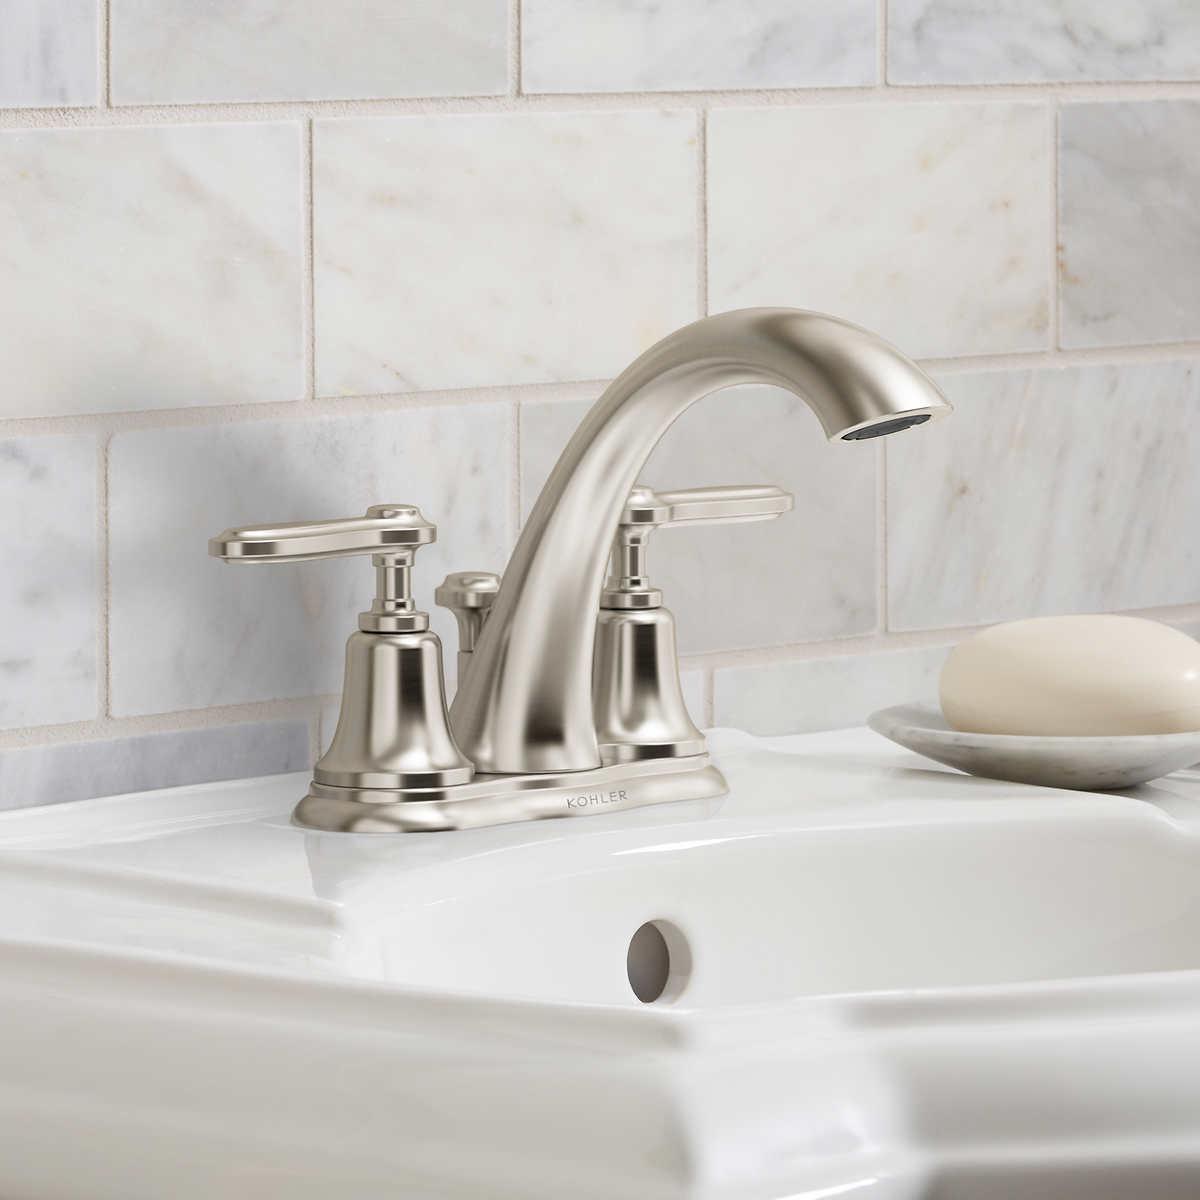 Kohler Bathroom Faucets Kohler Bathroom Sink Faucets 3 Home Decor And Furniture Expl The